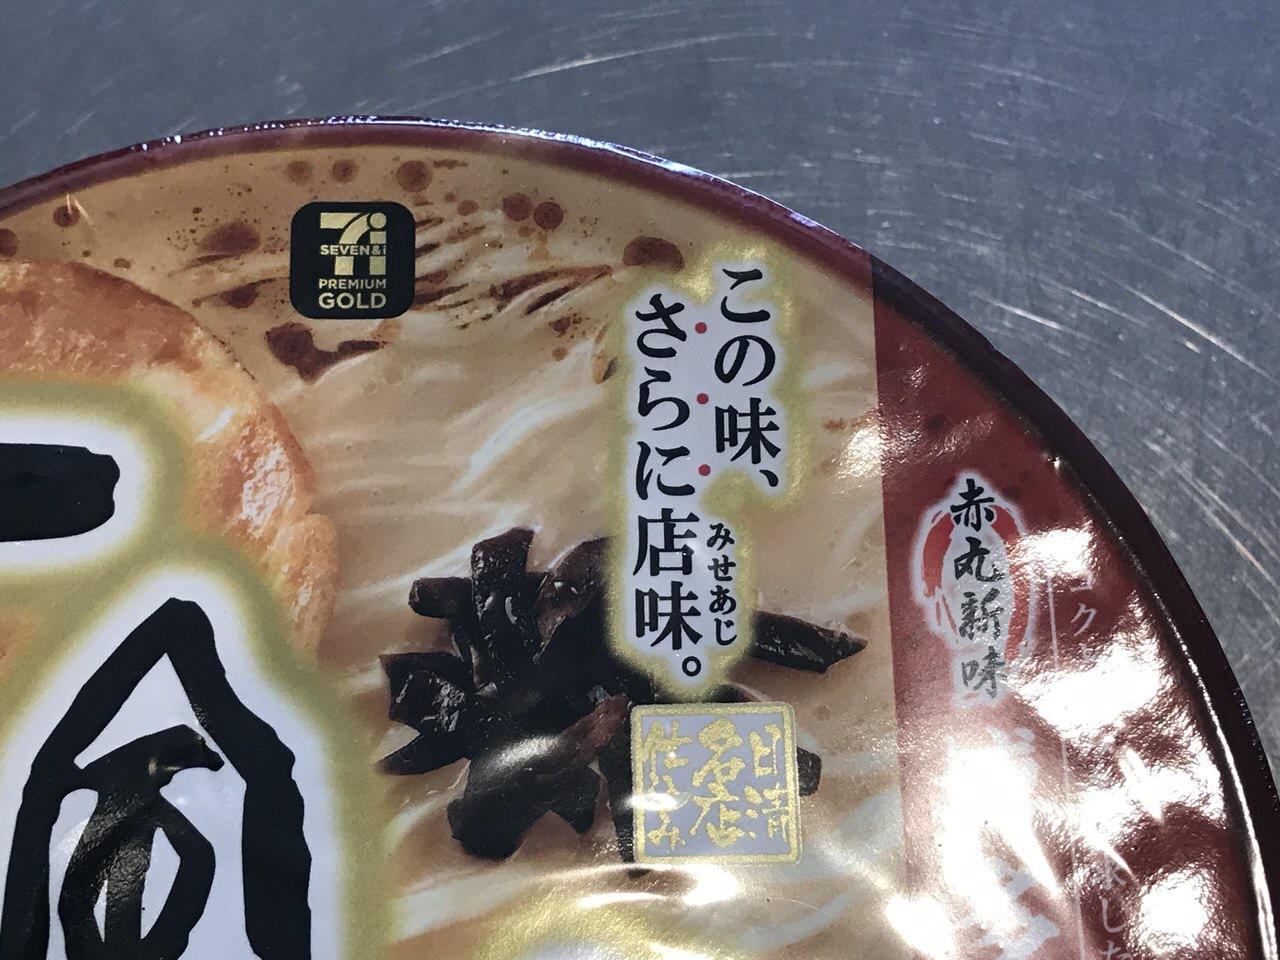 【セブンイレブン】「一風堂 赤丸新味博多とんこつ」1